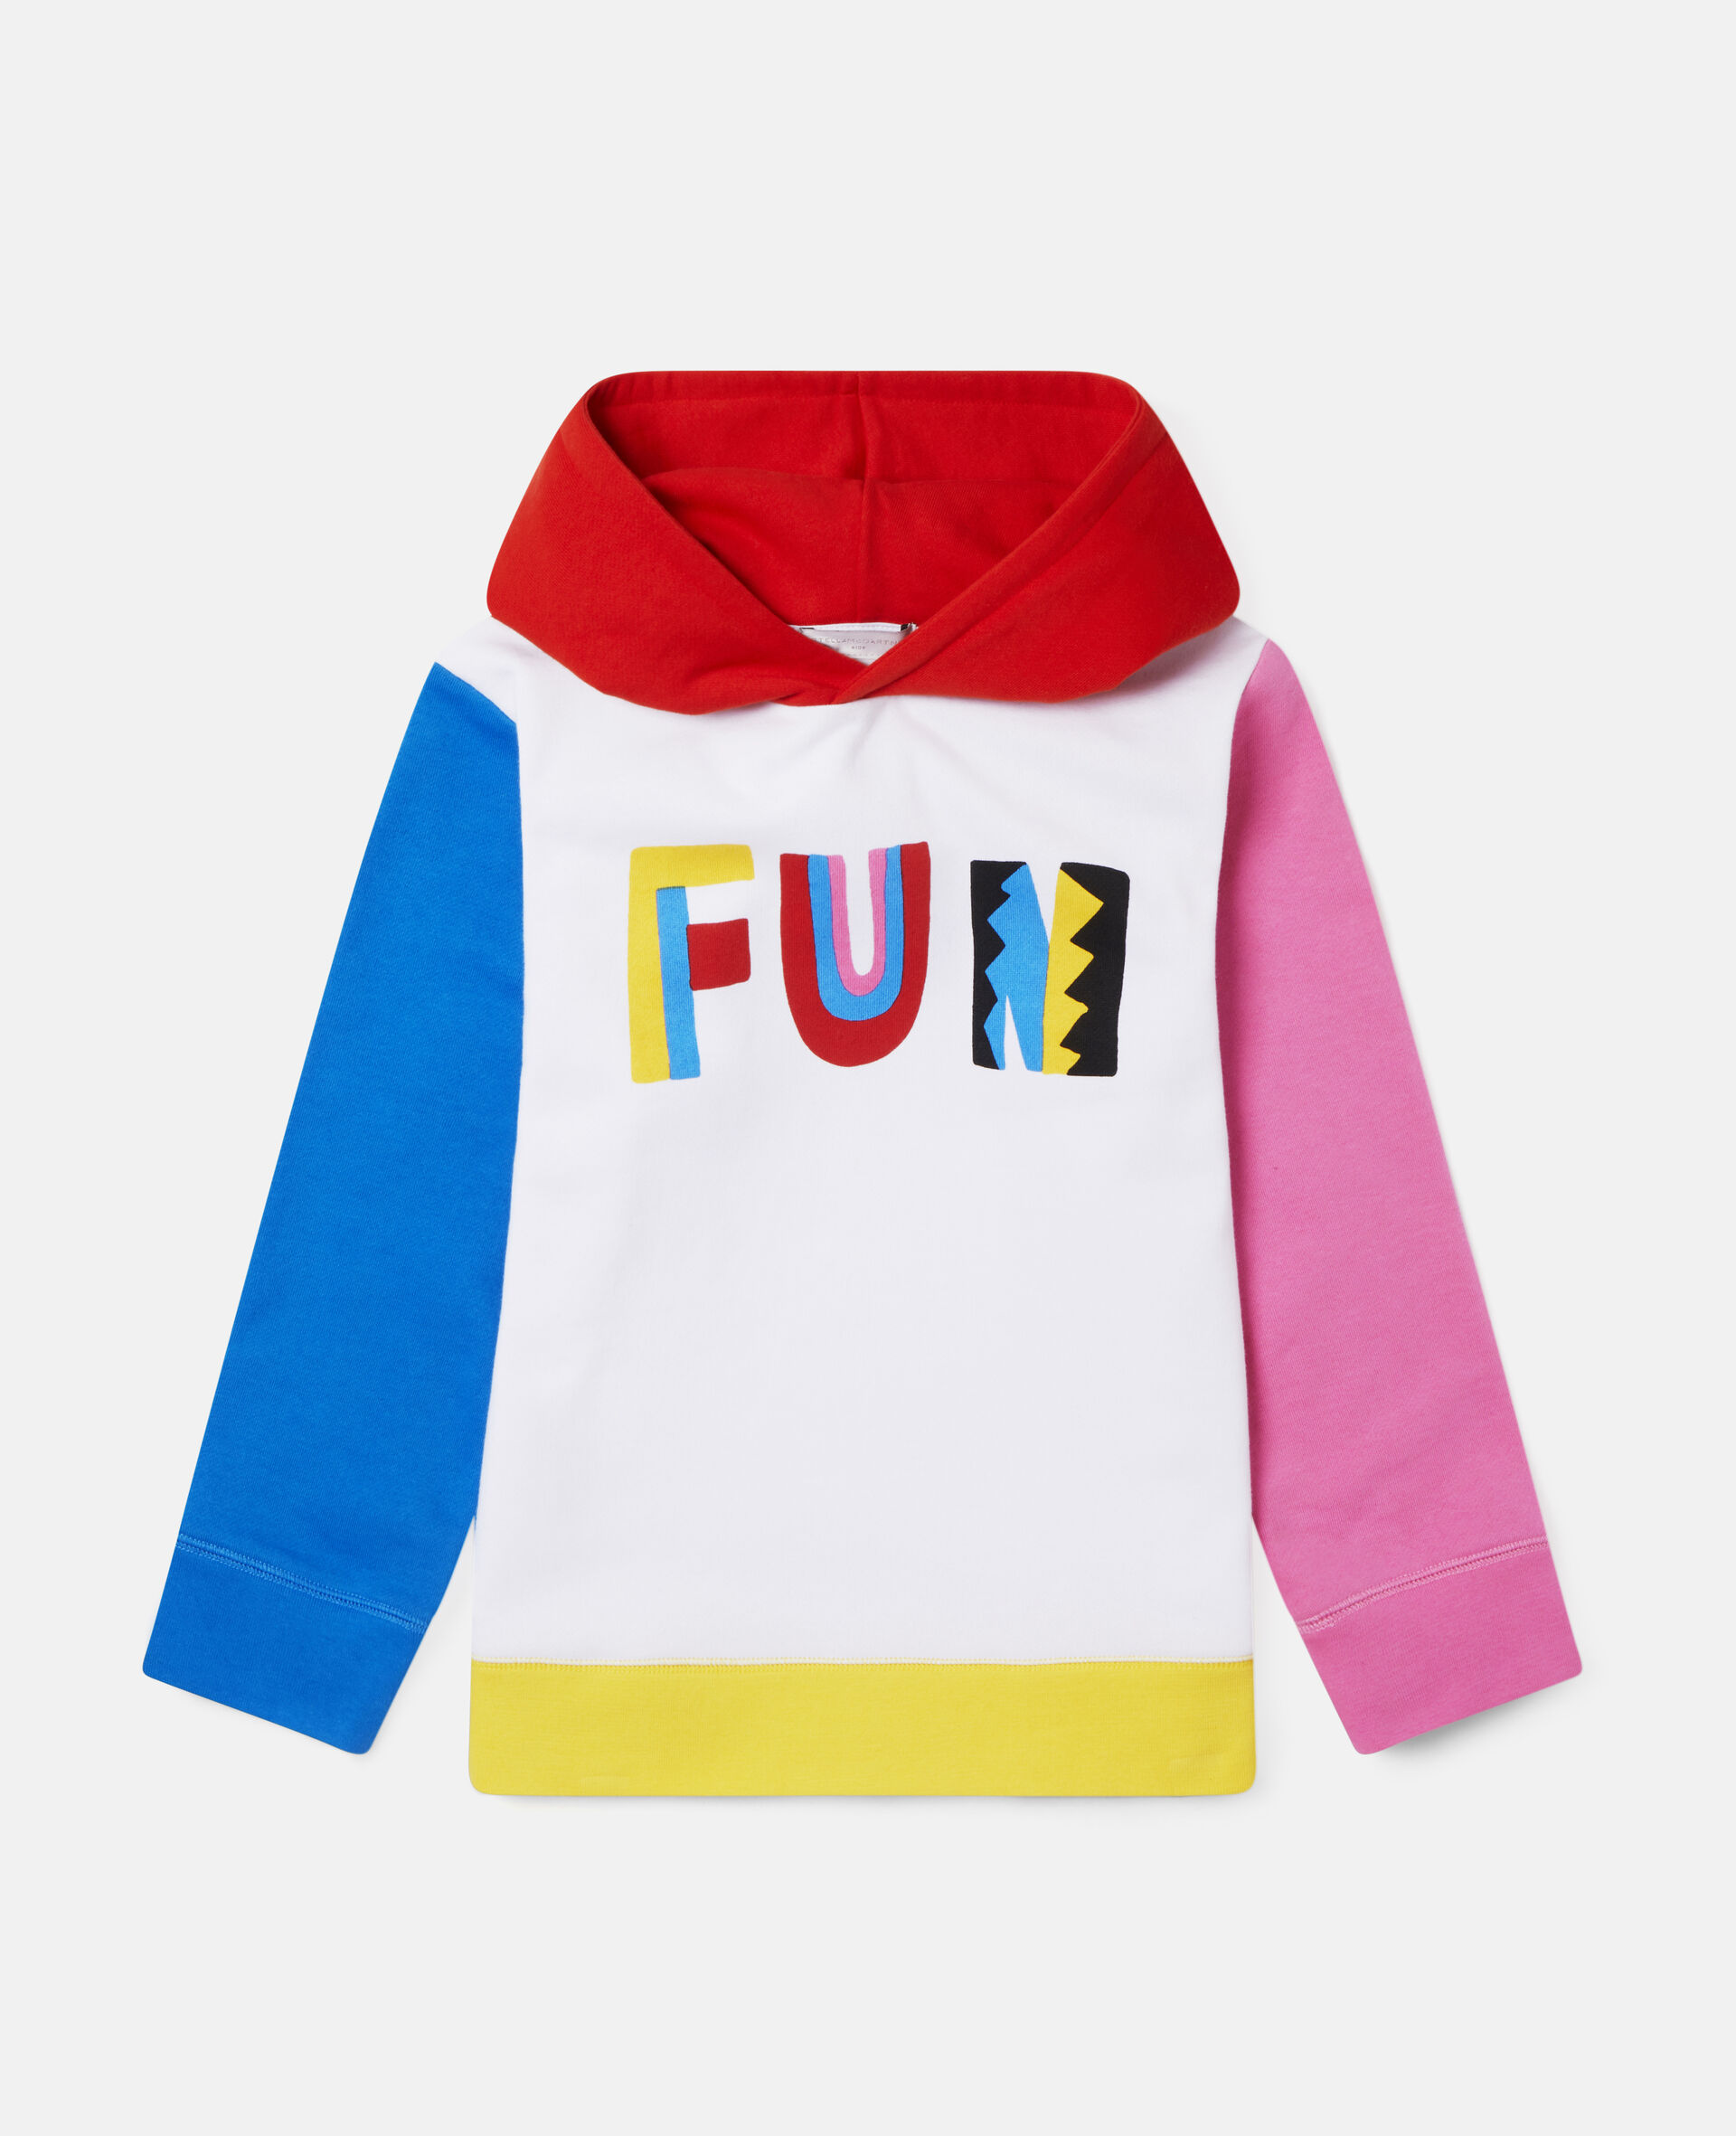 Fun Colour block Oversize Fleece Hoodie-Multicolour-large image number 0